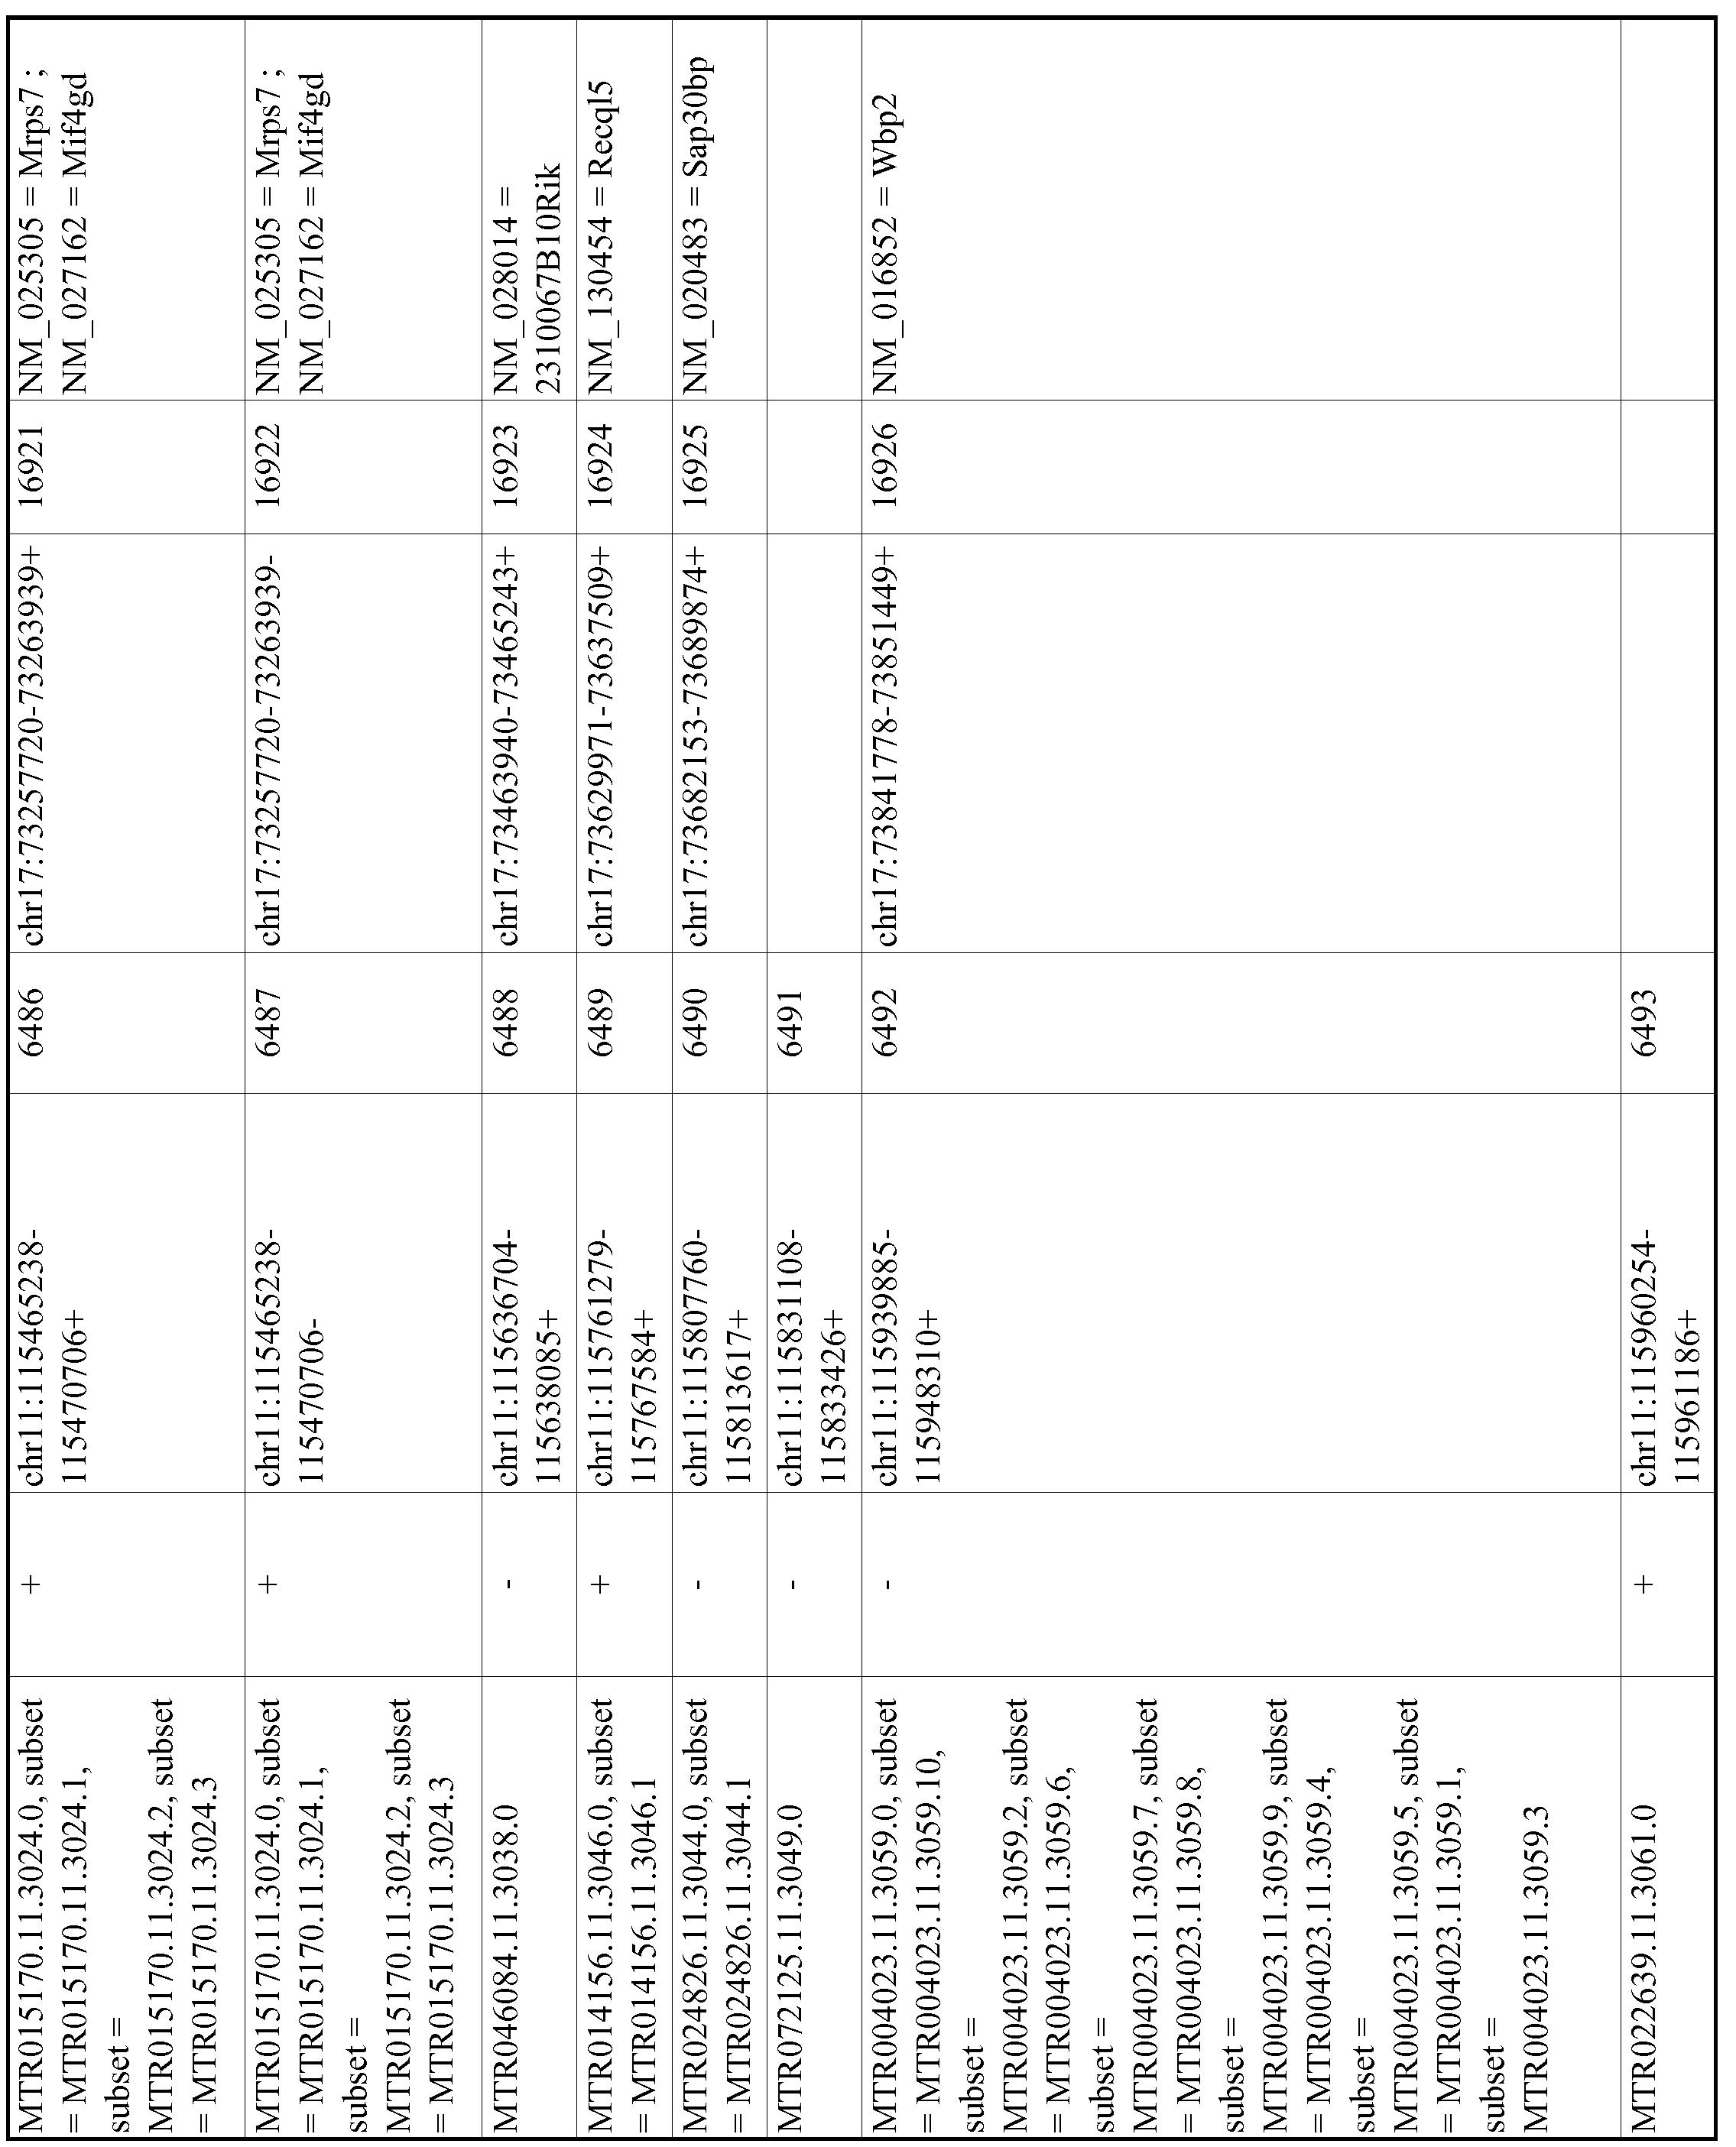 Figure imgf001163_0001